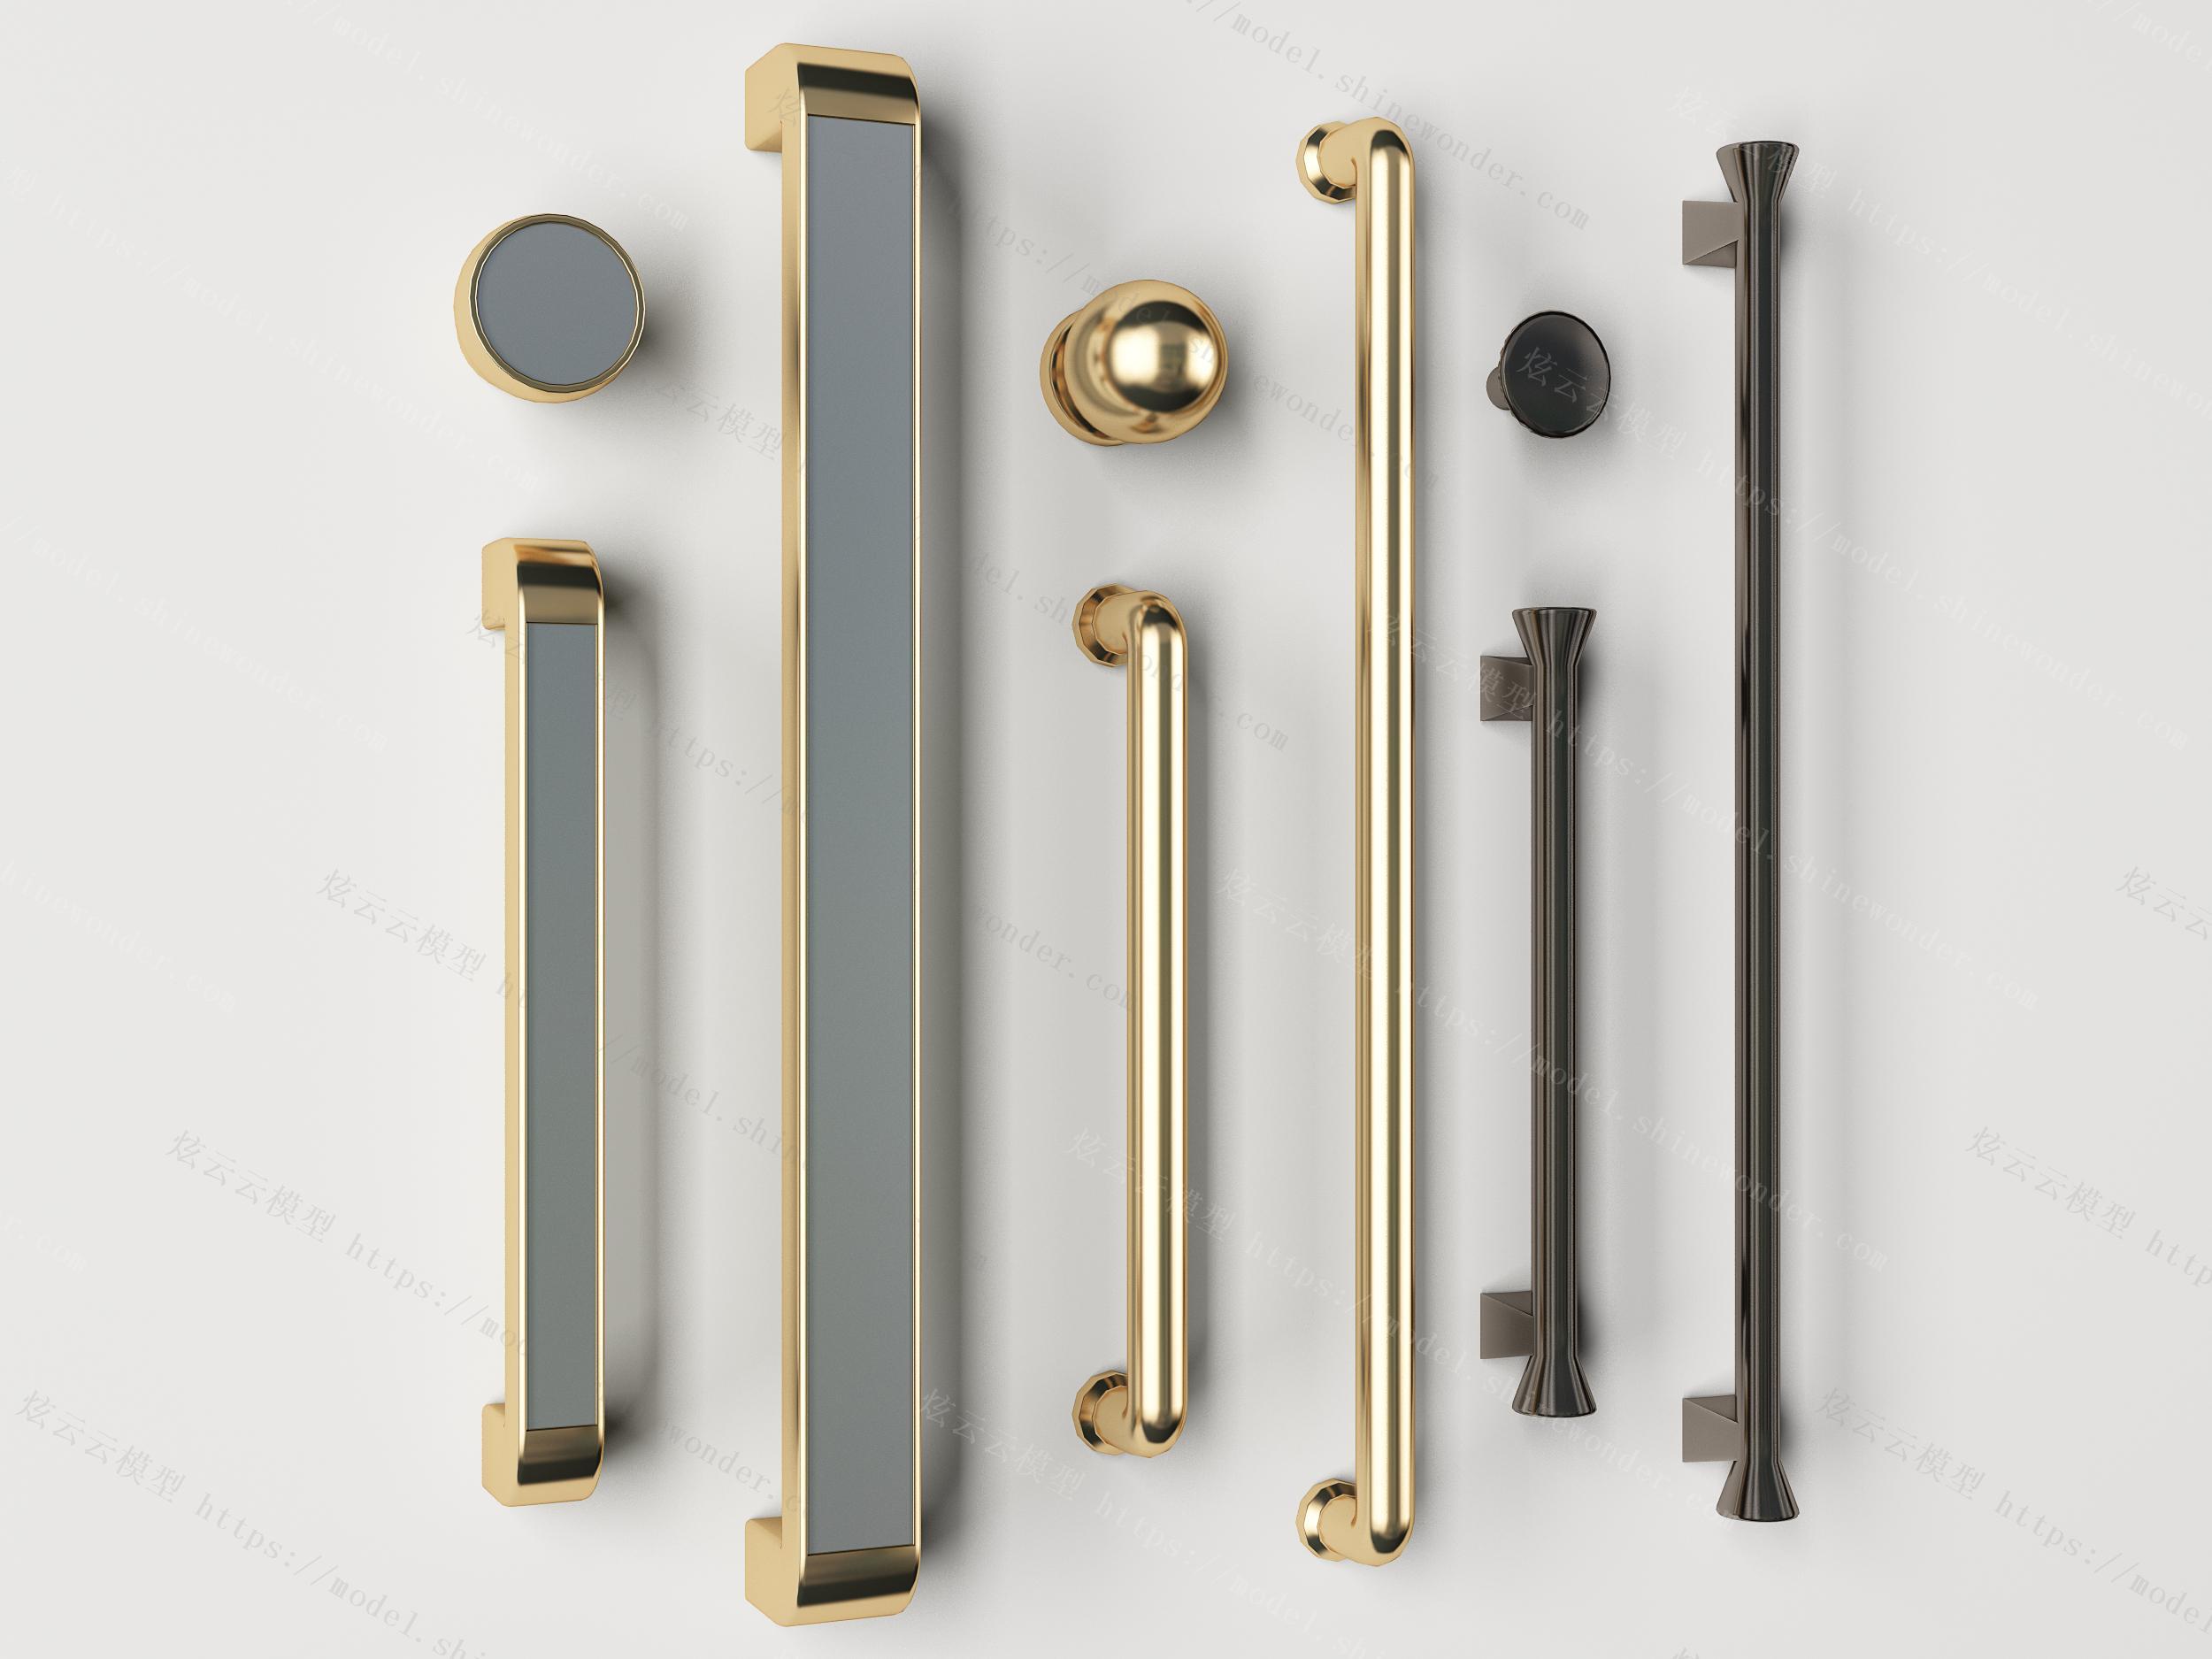 现代金属门把手门拉手组合模型